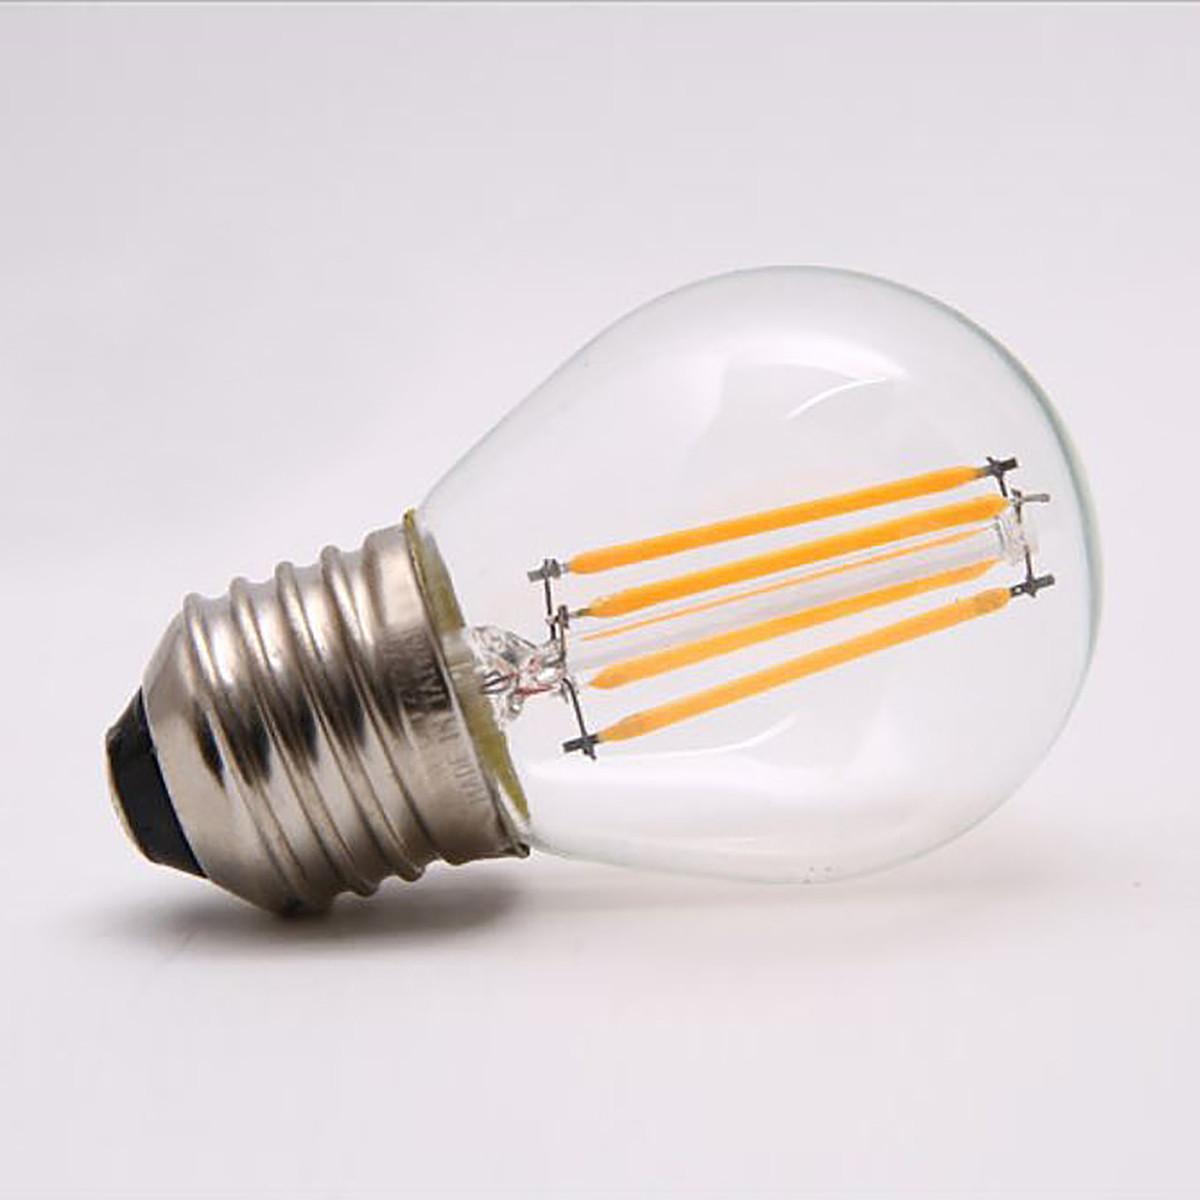 4W Filament LED Globe Light Bulb Light G45 Chandelier Bulb